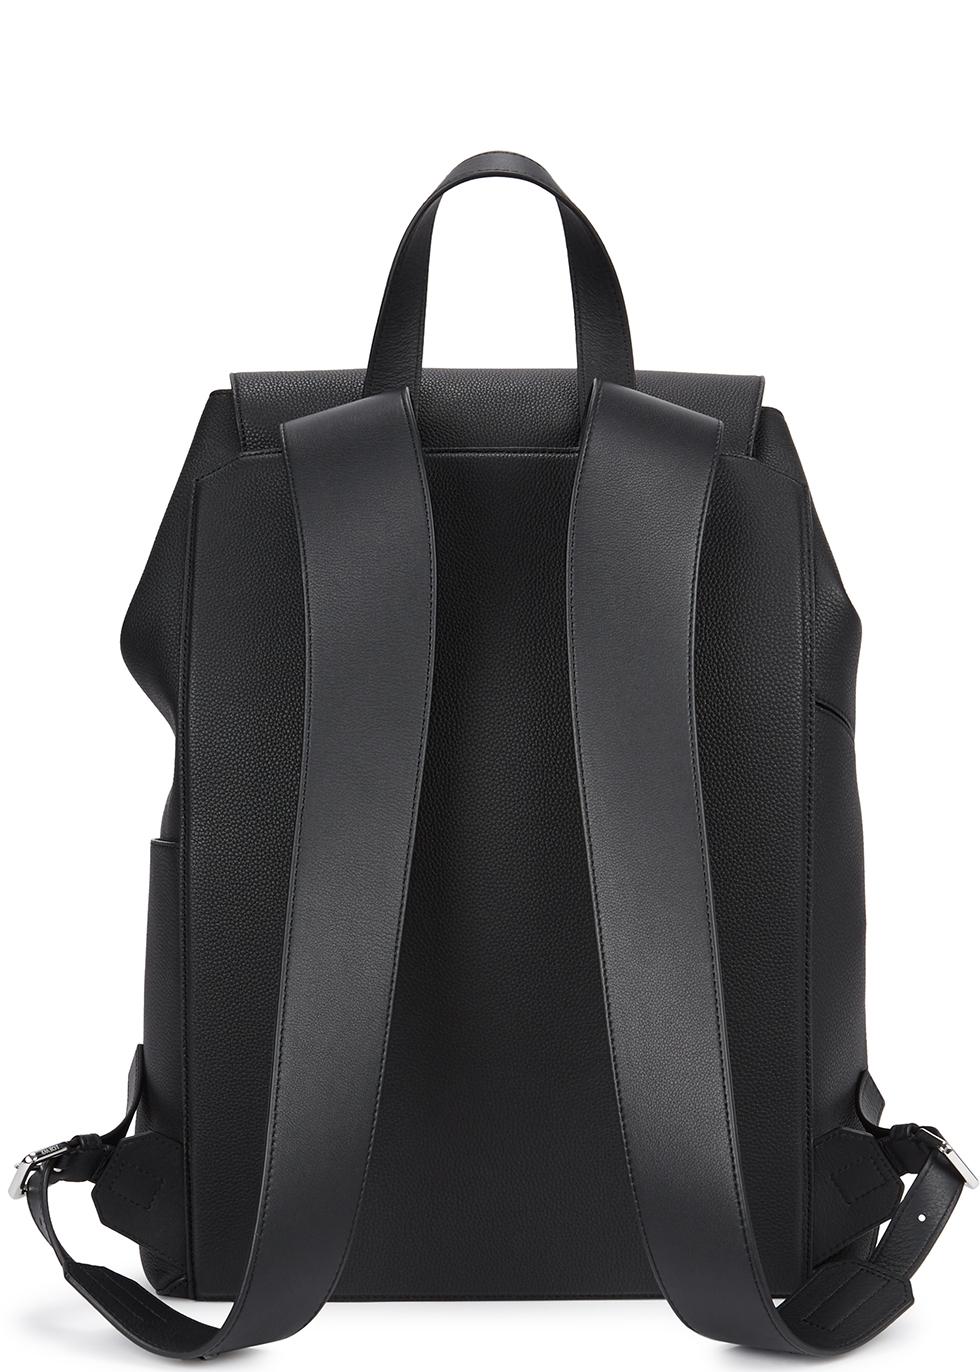 aa0bc938b9 Designer Man Bags